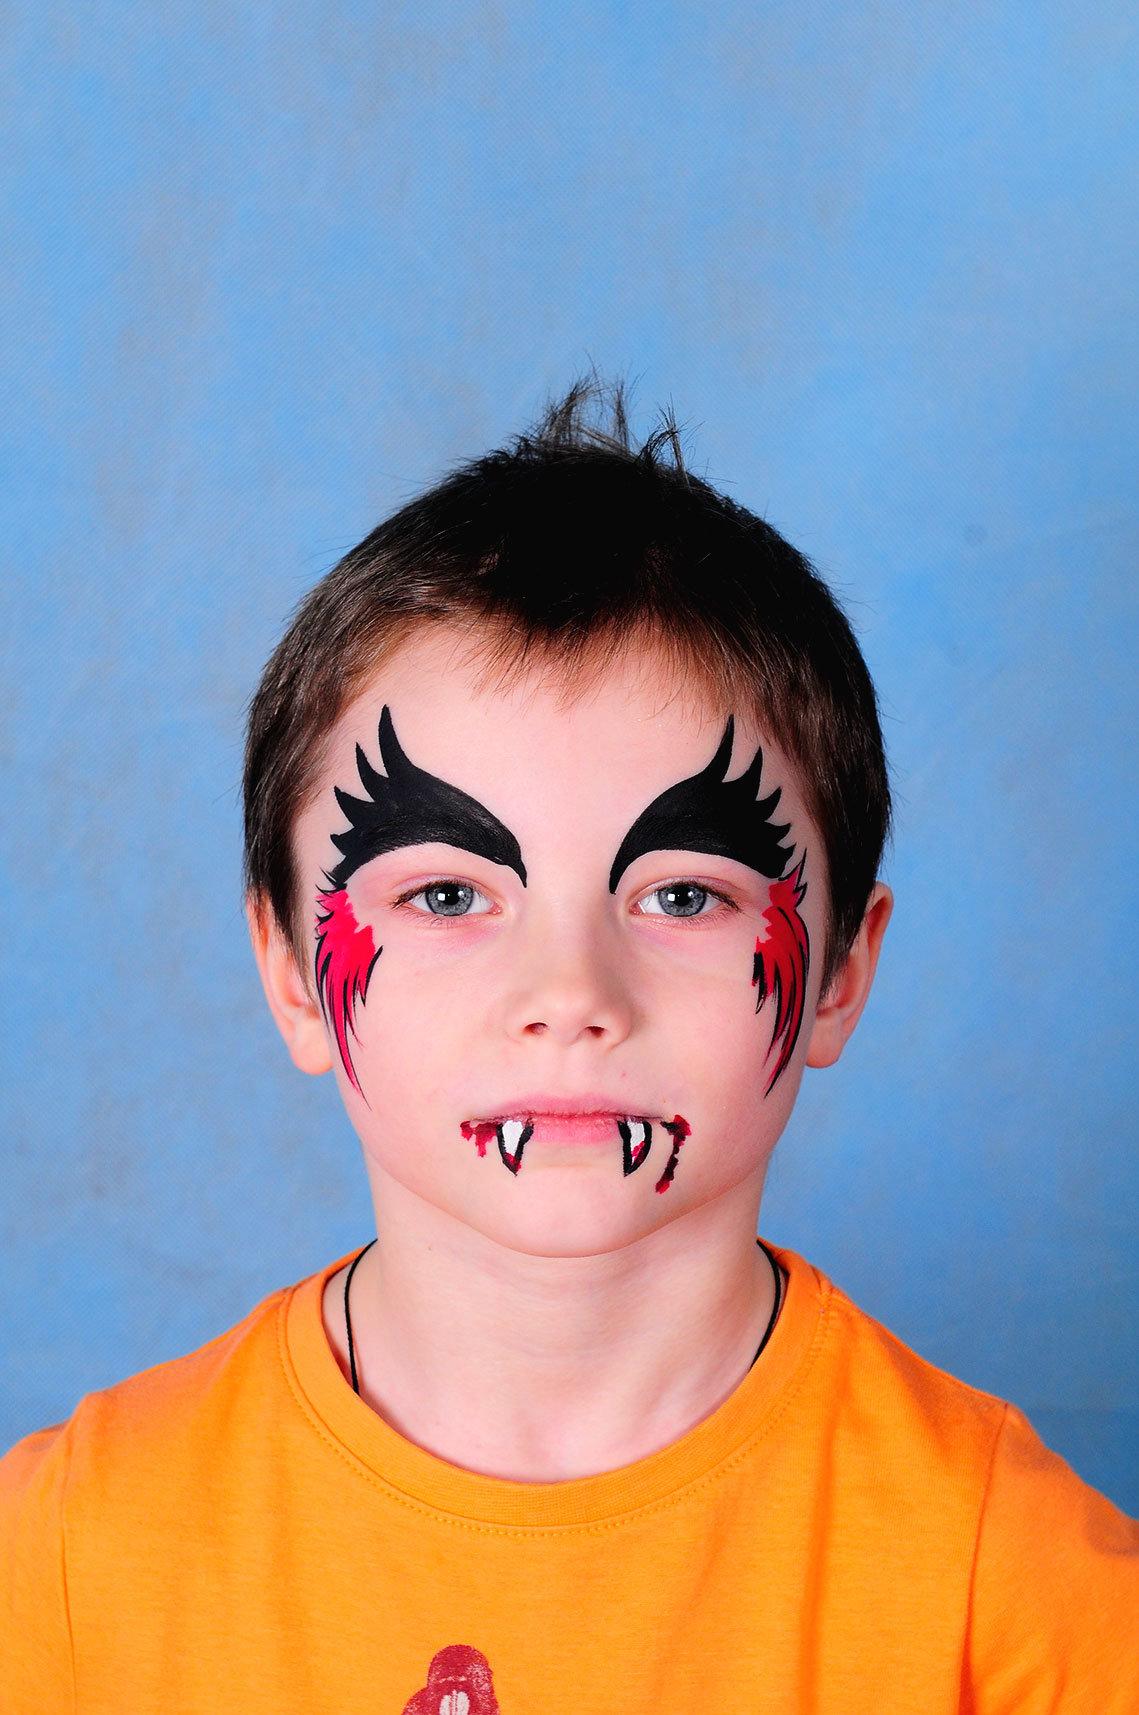 Смешные рисунки на лице для мальчиков